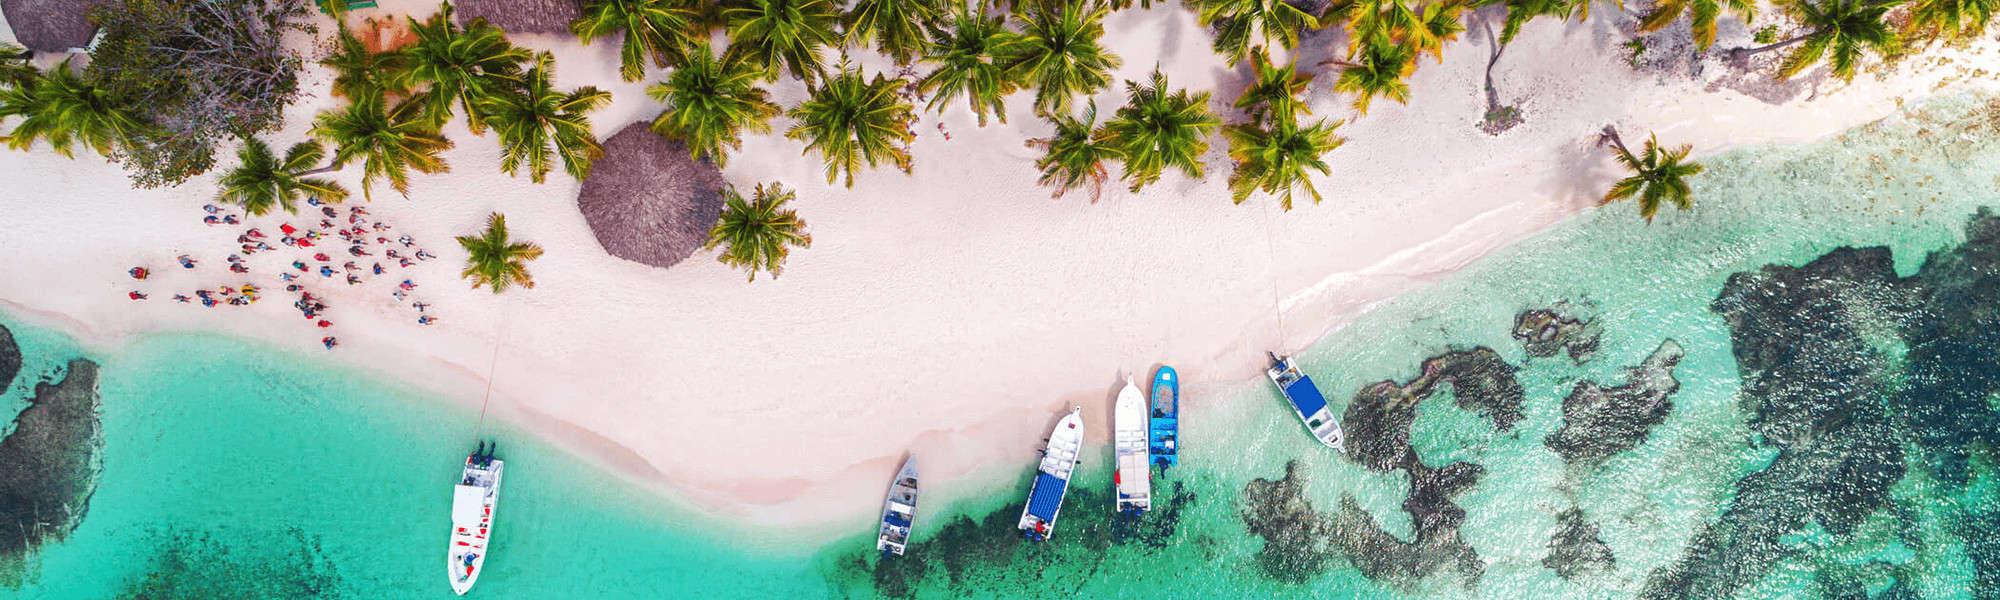 Mit dem TUI fly Dreamliner komfortabel in die Karibik fliegen